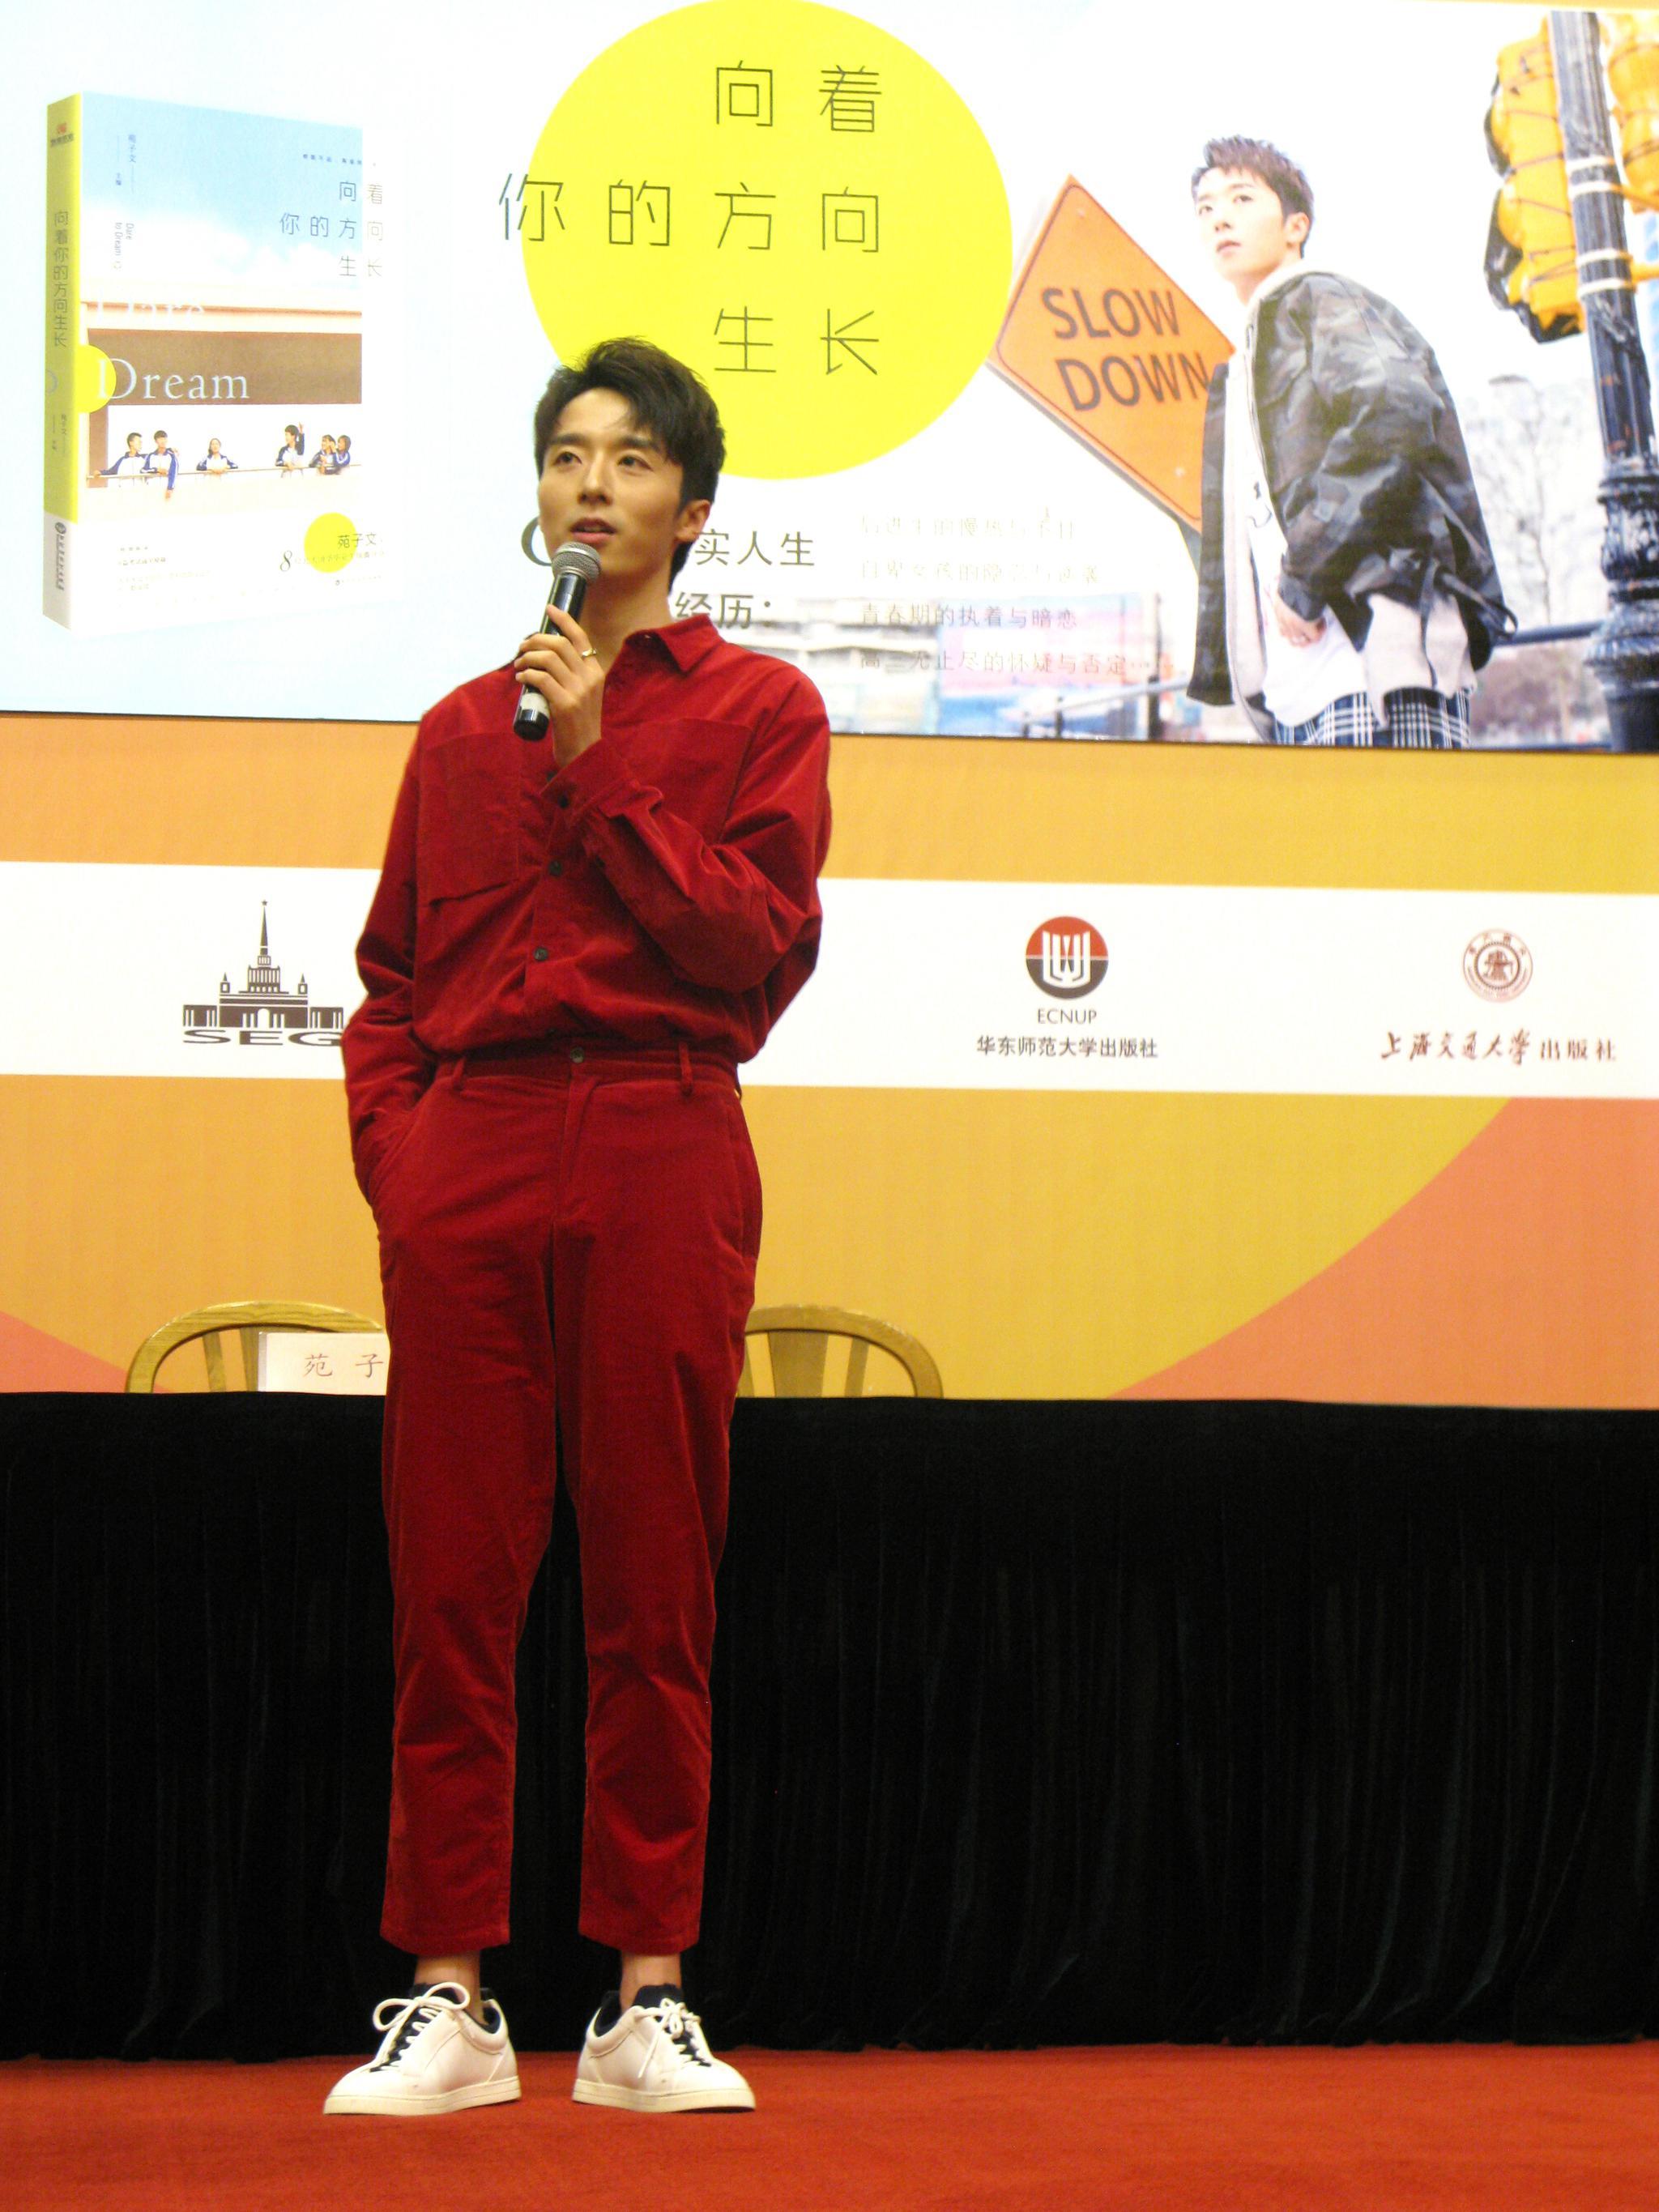 苑子文一身红衣亮相上海书展  新书分享八位作者成长历程